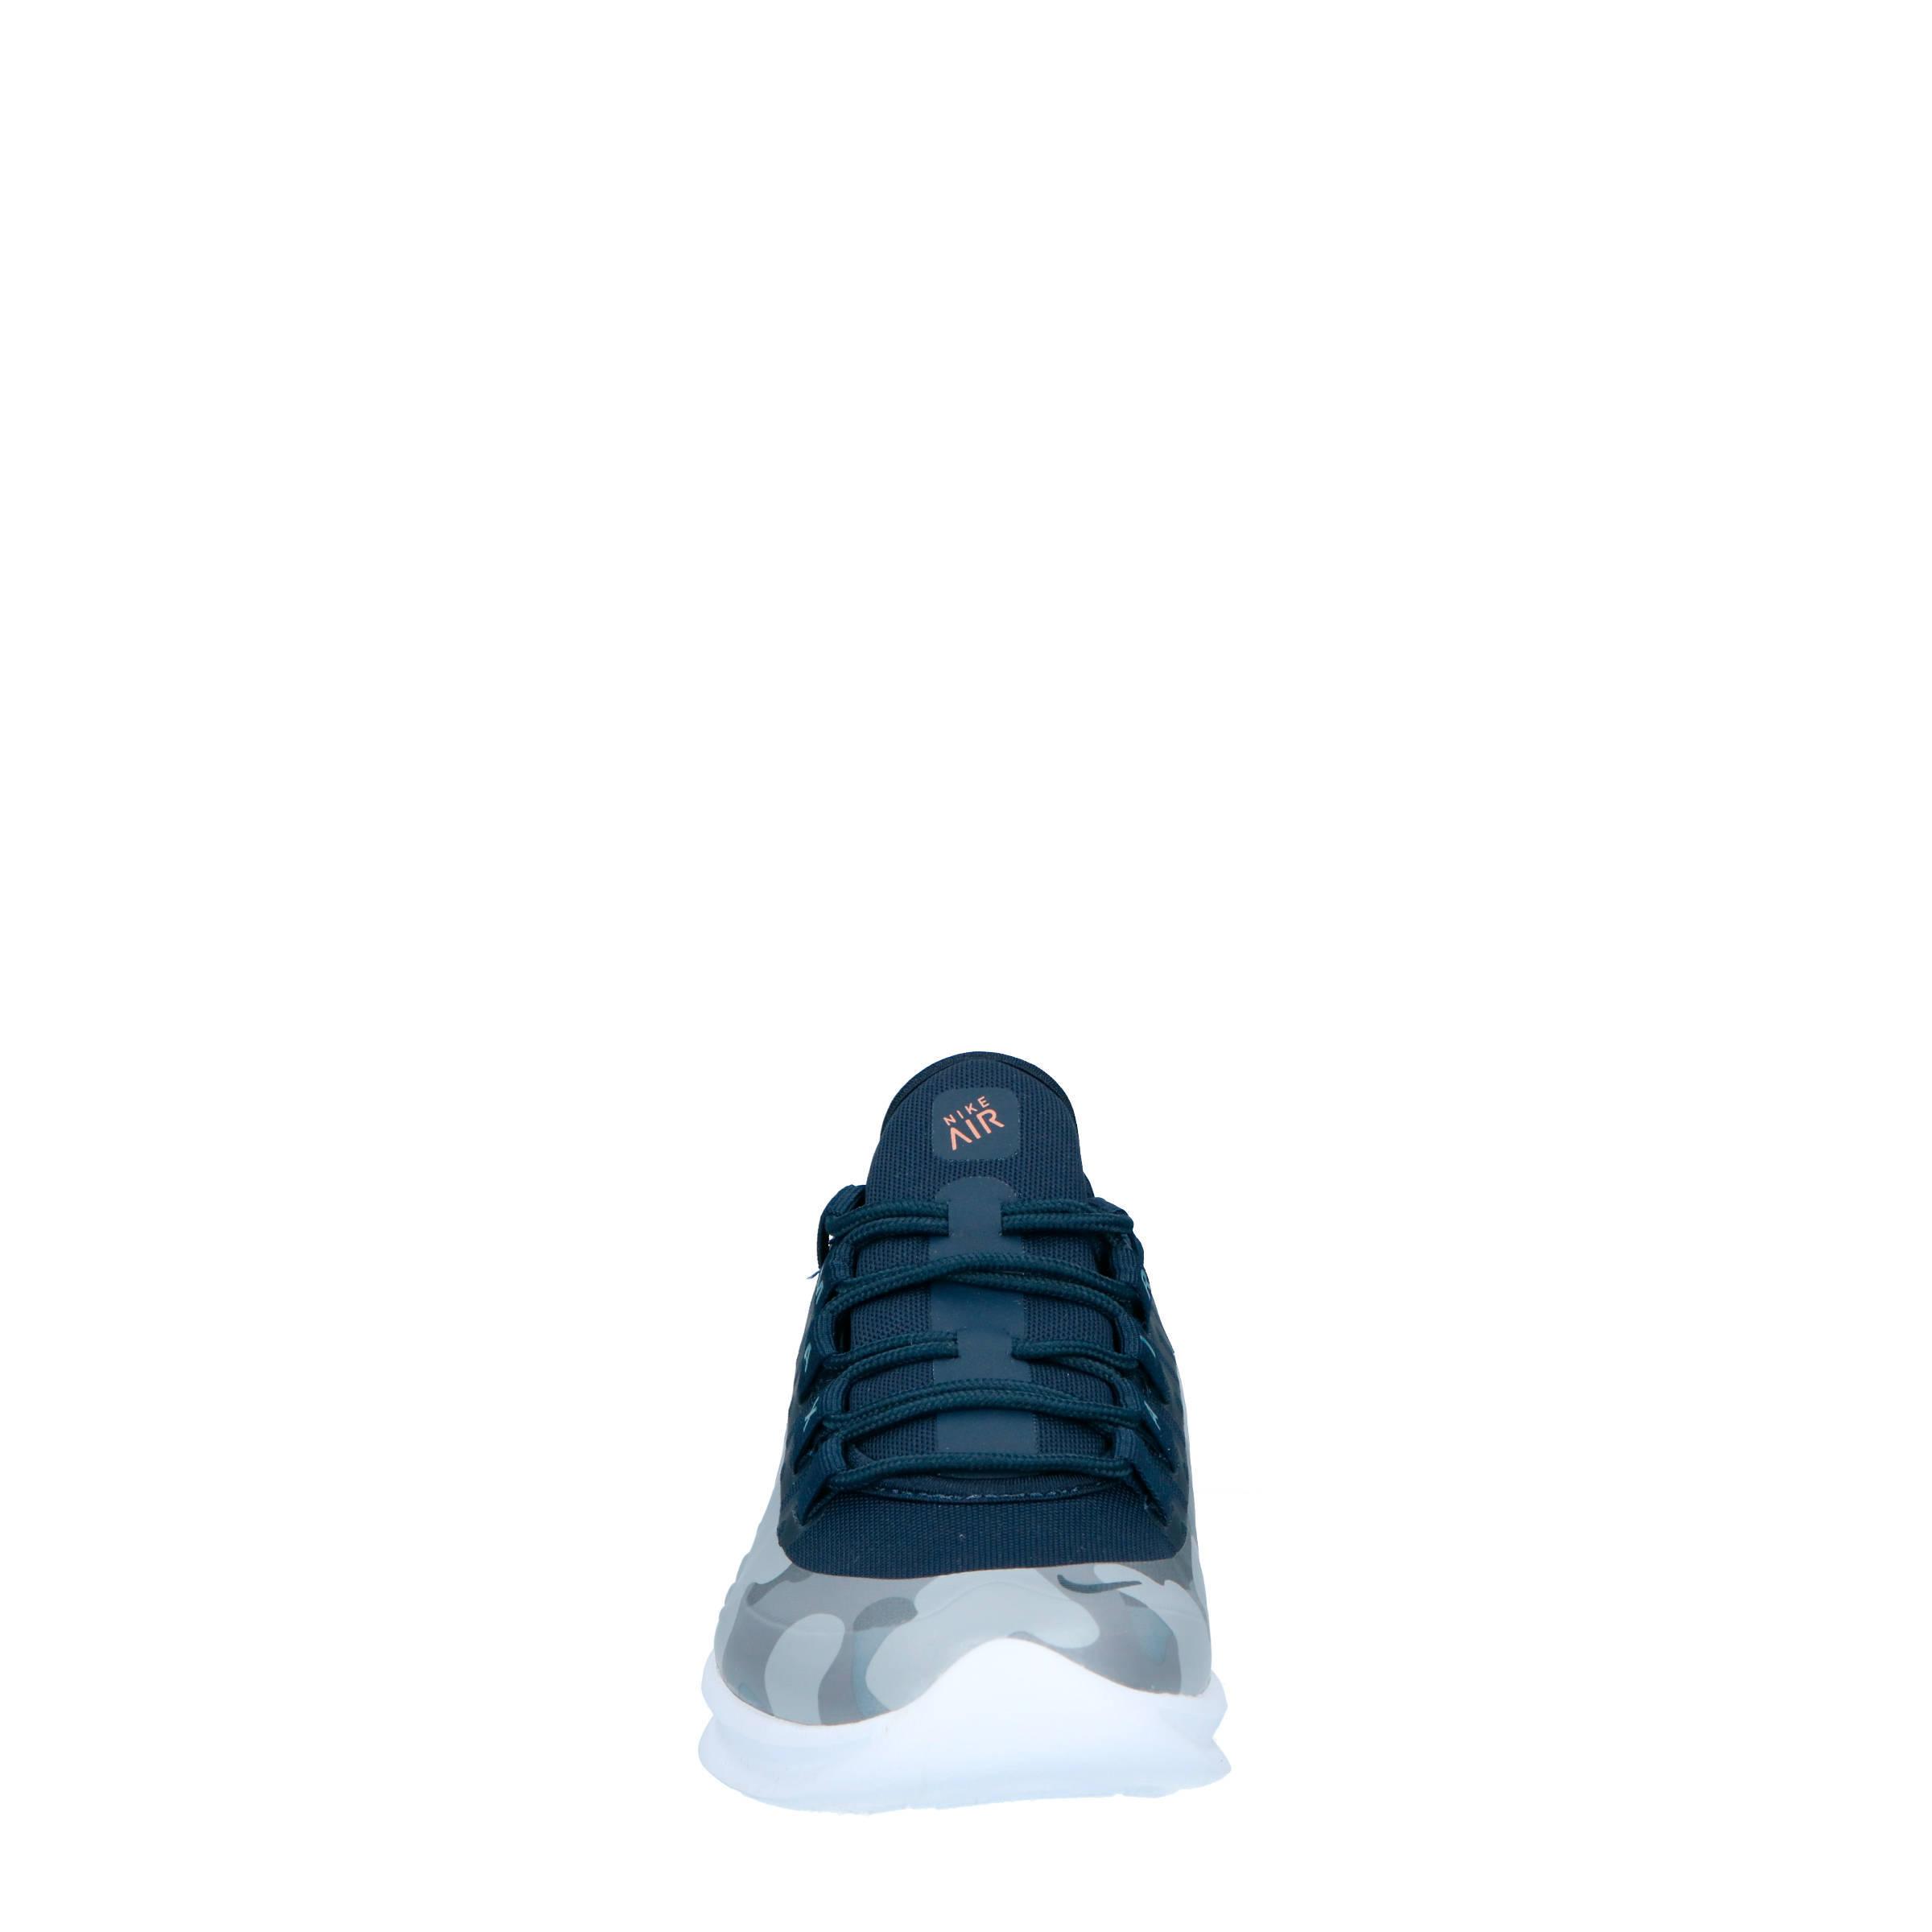 Nike Air Max Axis Prem sneakers blauw | wehkamp